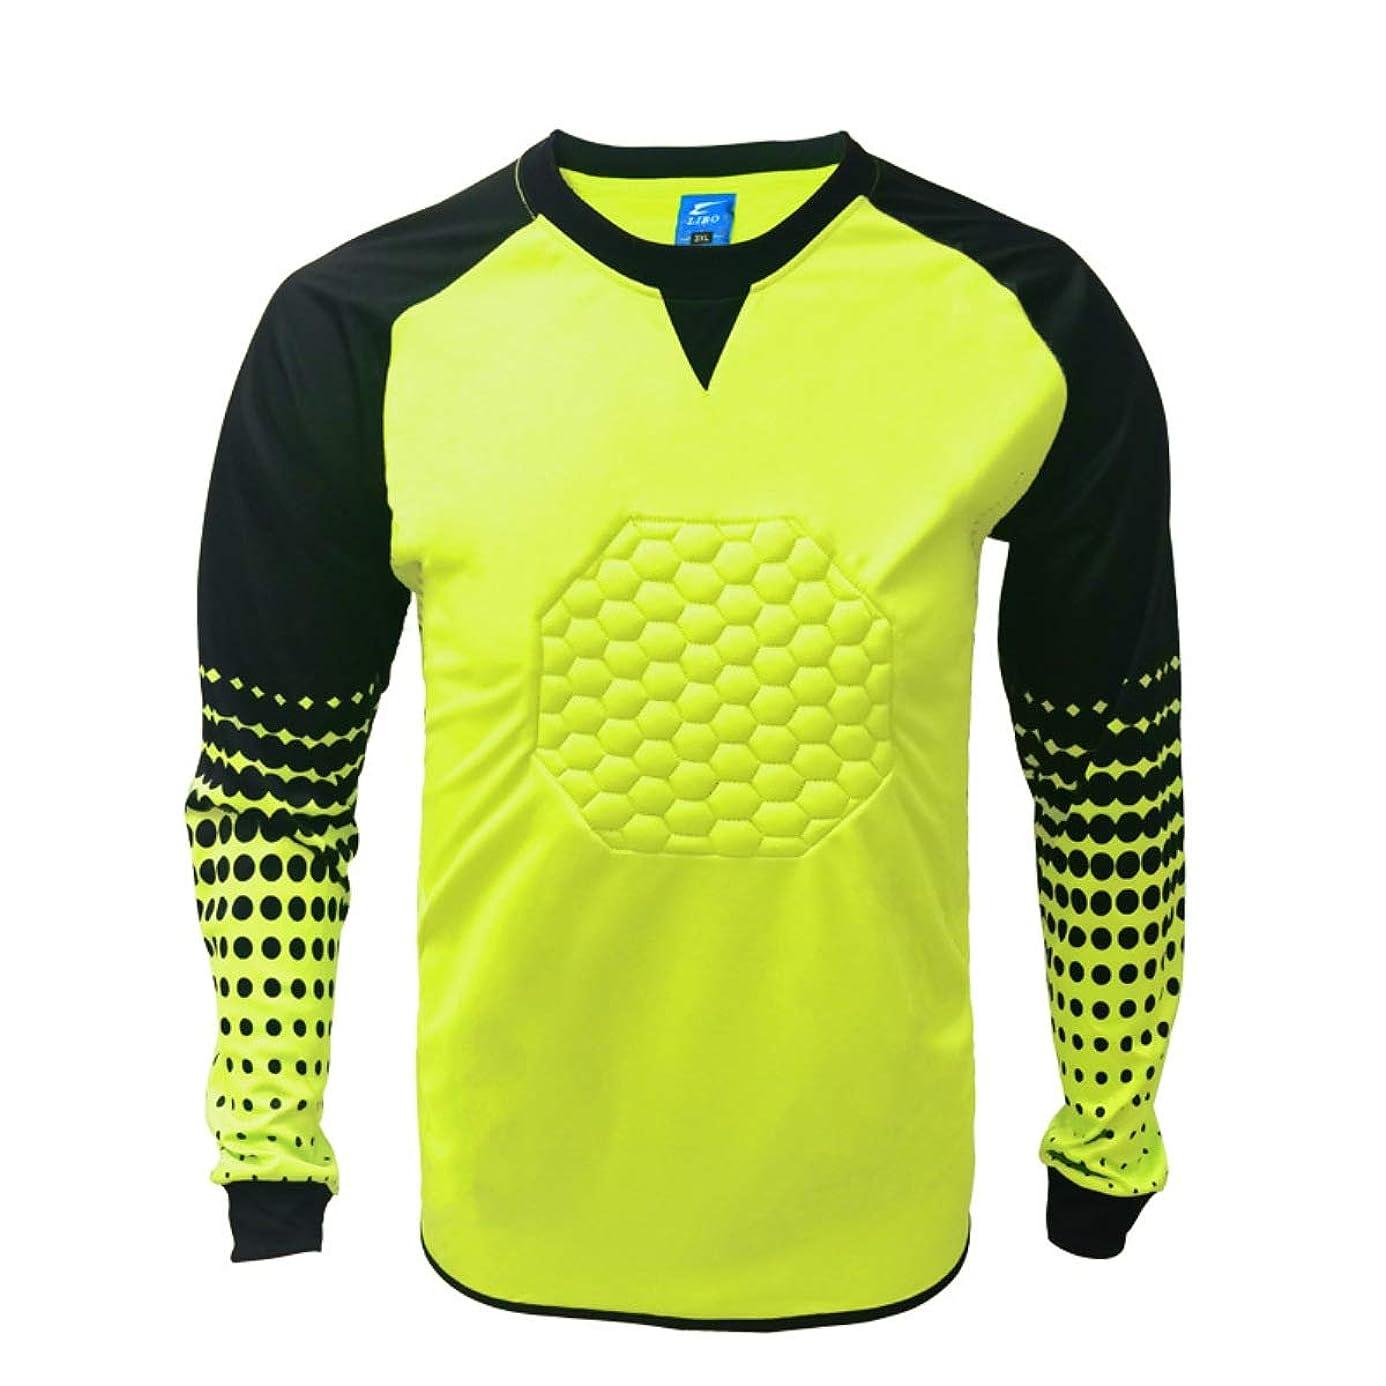 1 Stop Soccer Soccer Goalkeeper Goalie Shirt Youth